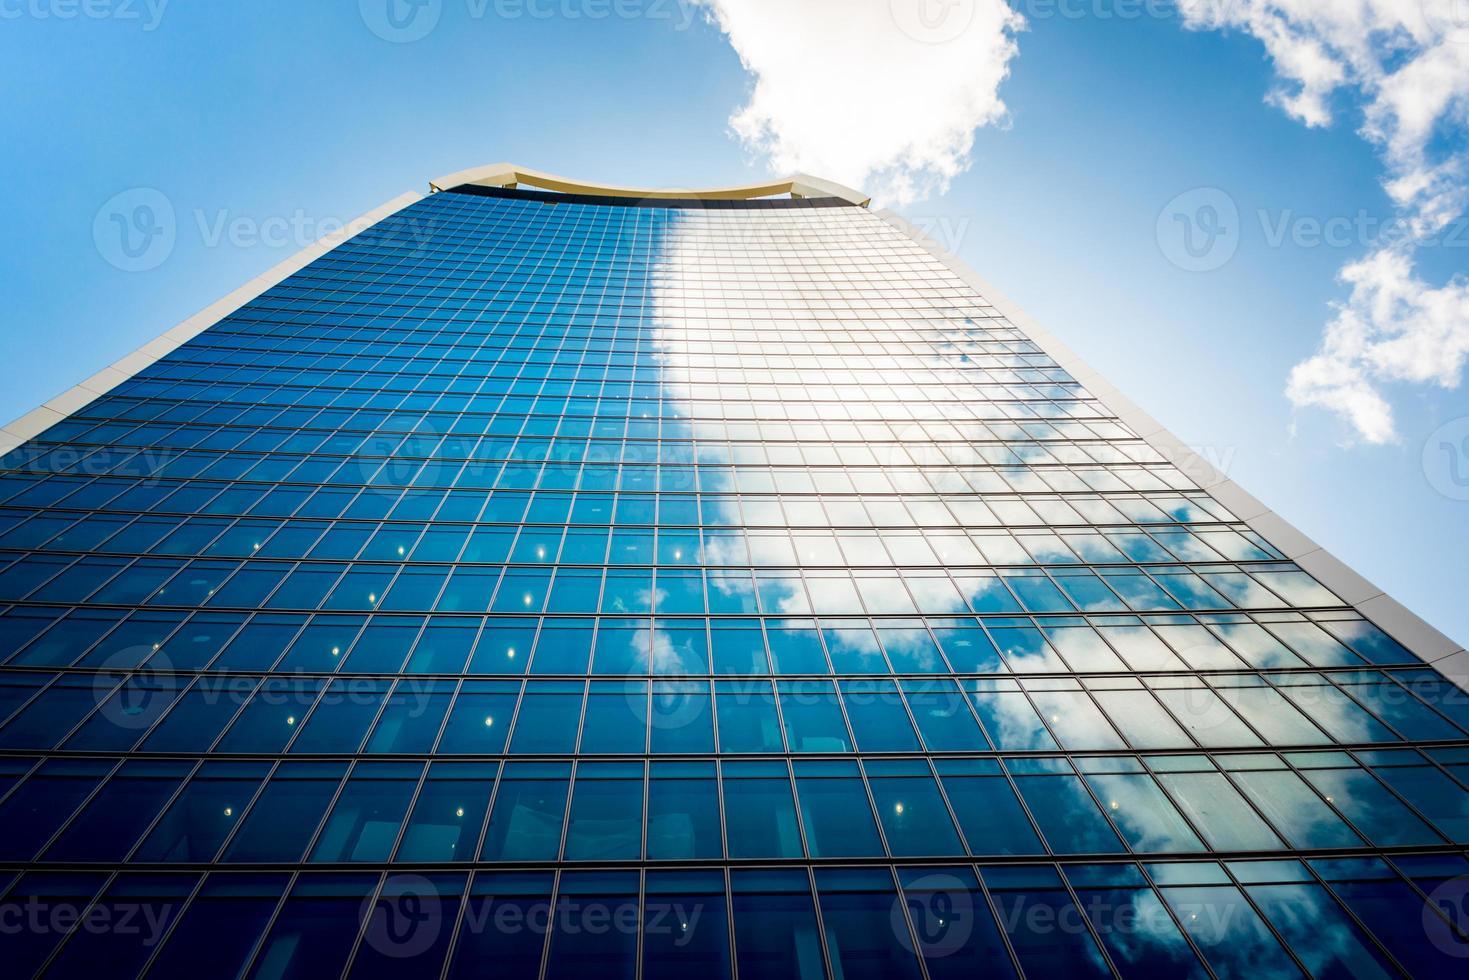 Wolkenkratzer in der Stadt London. foto